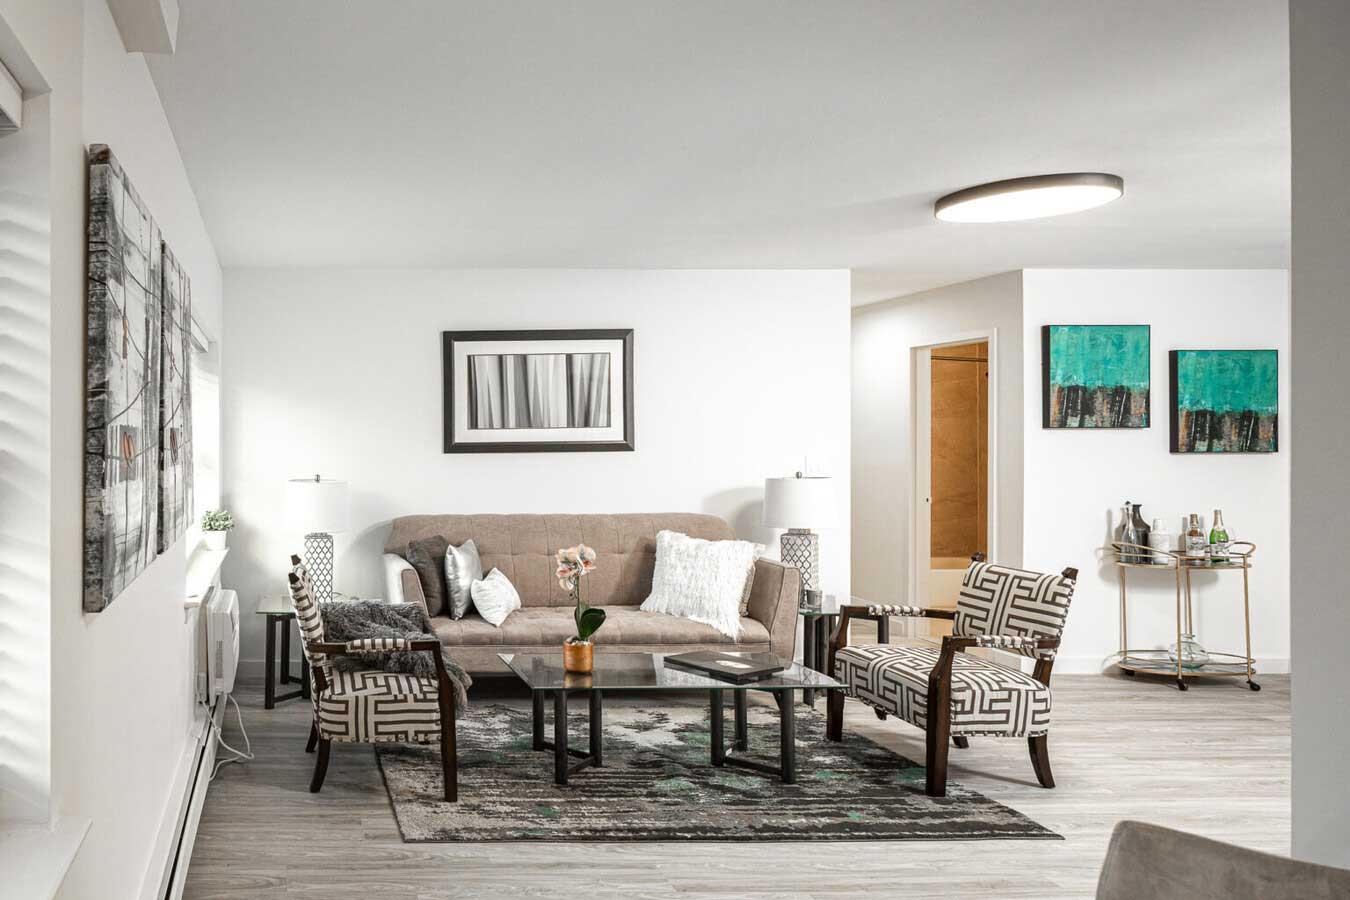 Carpet Flooring Available at River Edge at Nyack Apartments in Nyack, NY